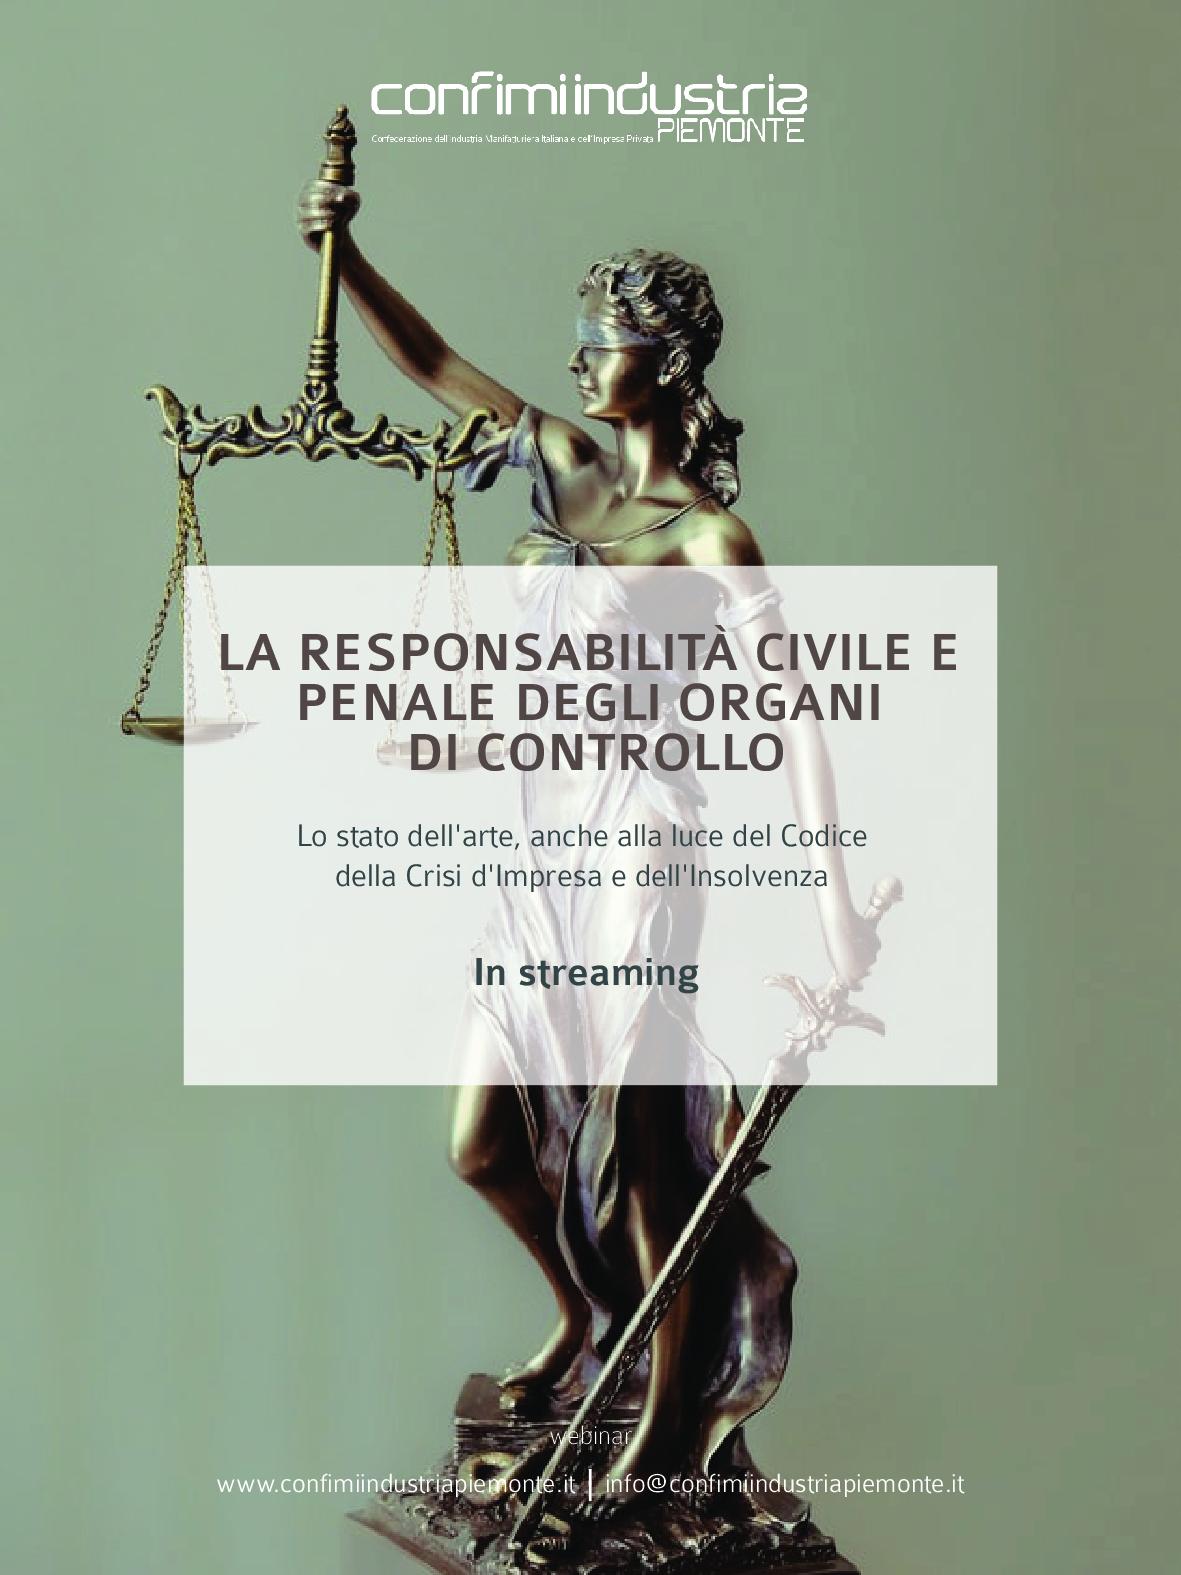 Flyer-La-responsabilità-civile-e-penale-degli-organi-di-controllo